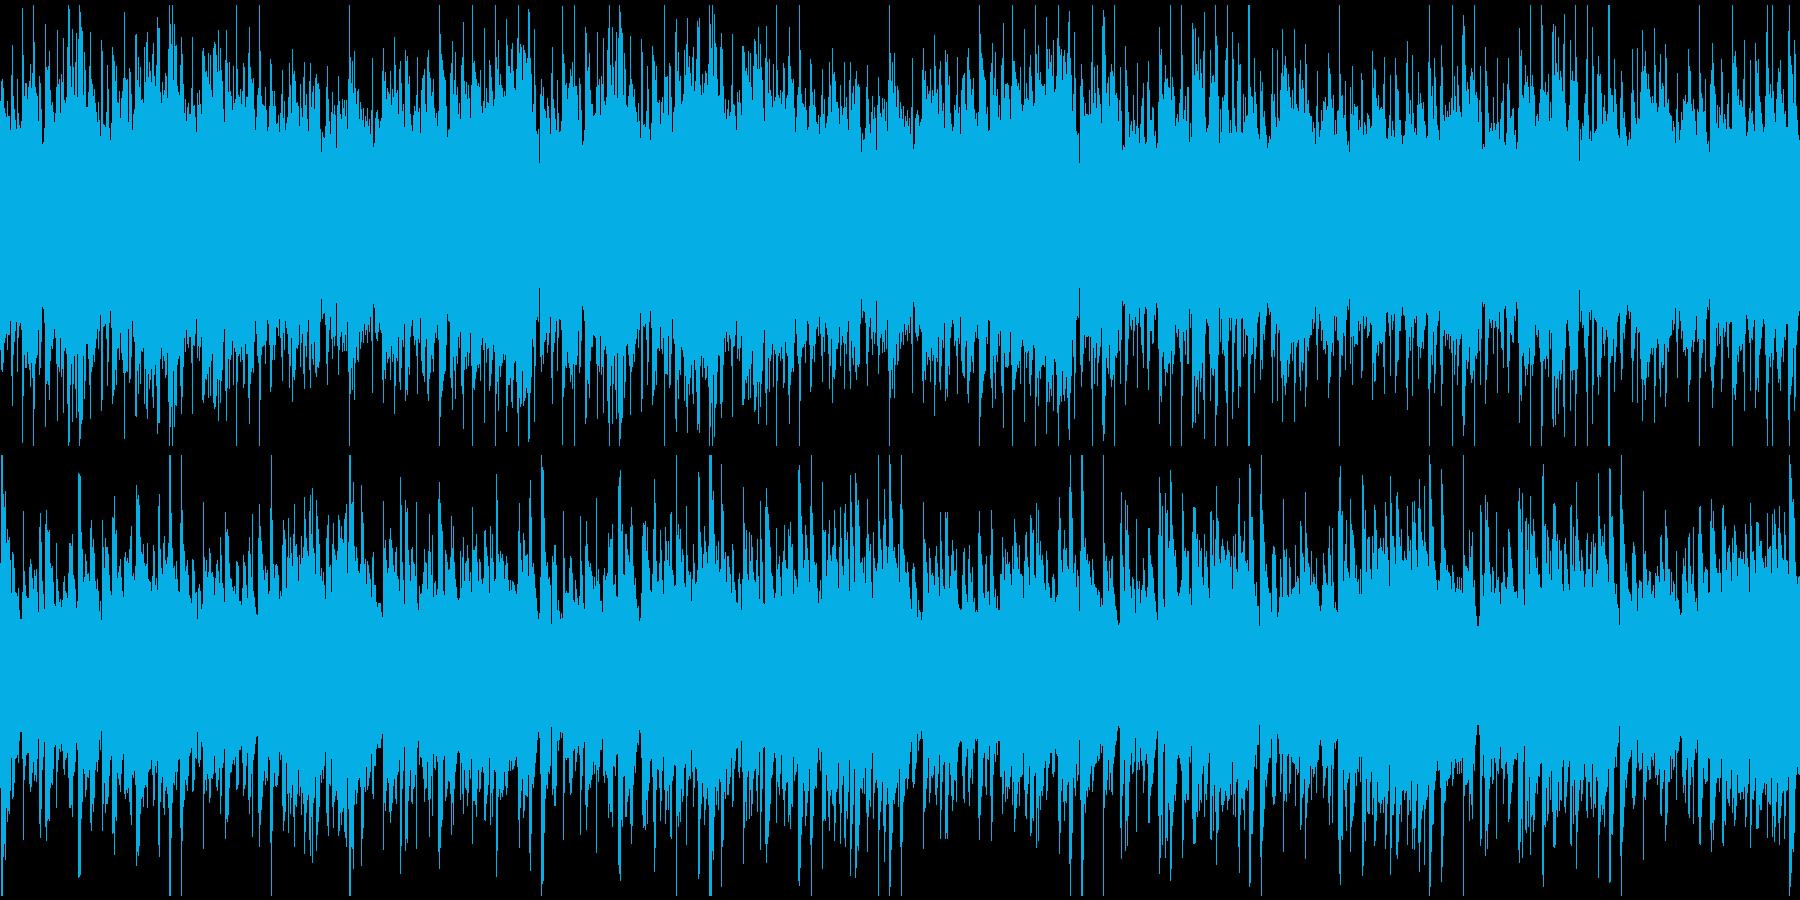 昔のイタリア映画風(ループ)の再生済みの波形